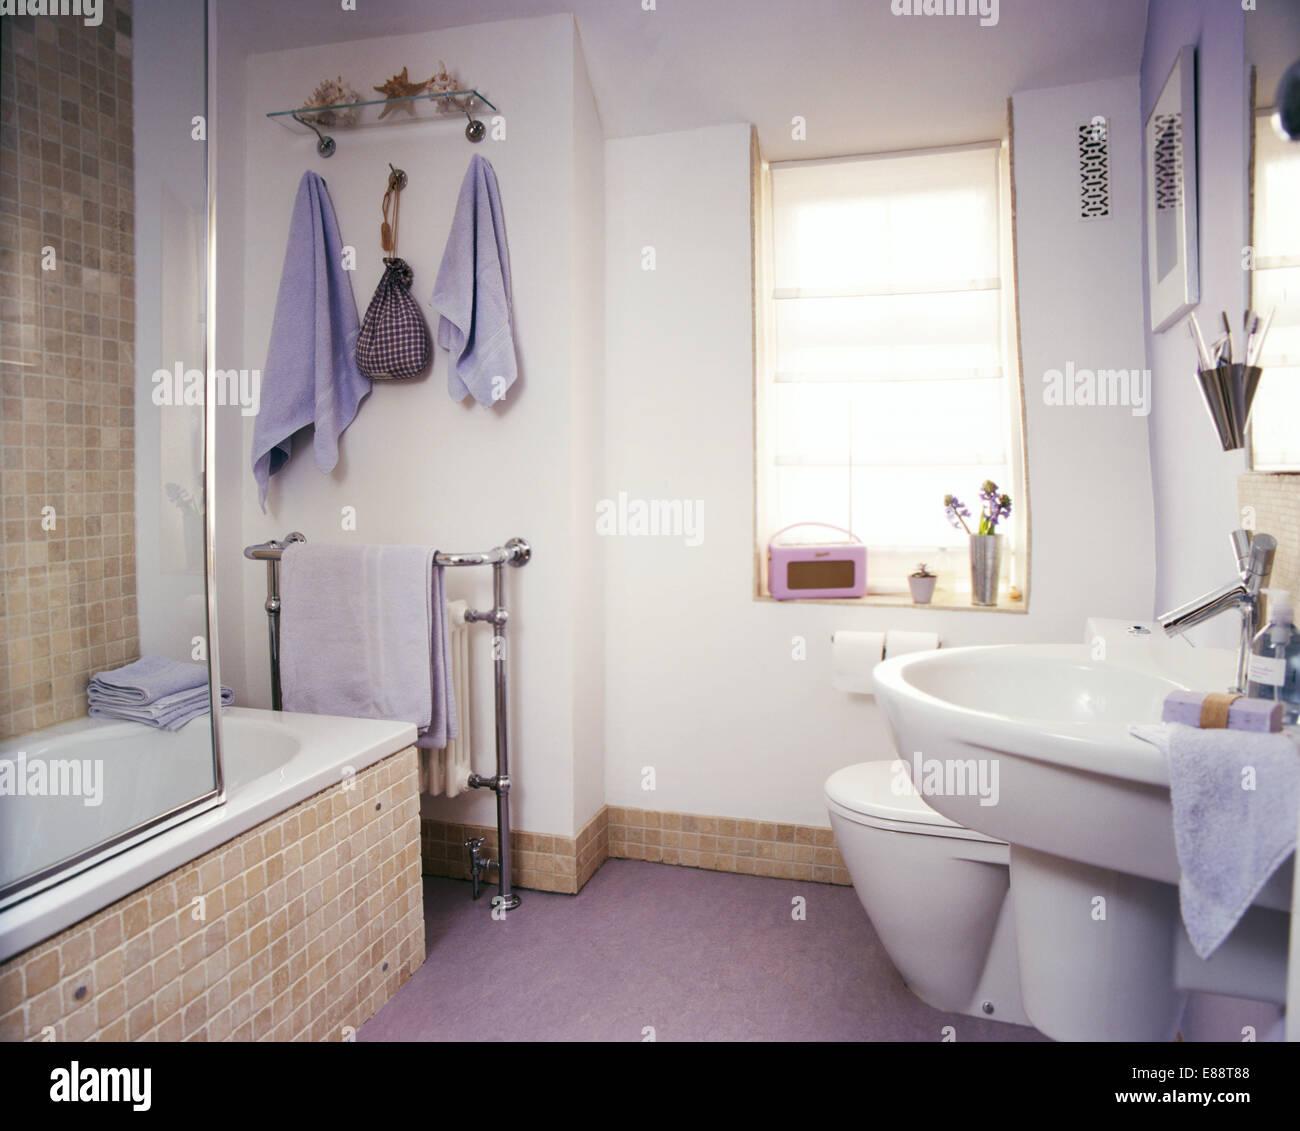 Beige Mosaik Gefliesten Bad Surround Und Sockelleiste In Moderne Badezimmer  Mit Violetten Tüchern Und Rosa Roberts Radio